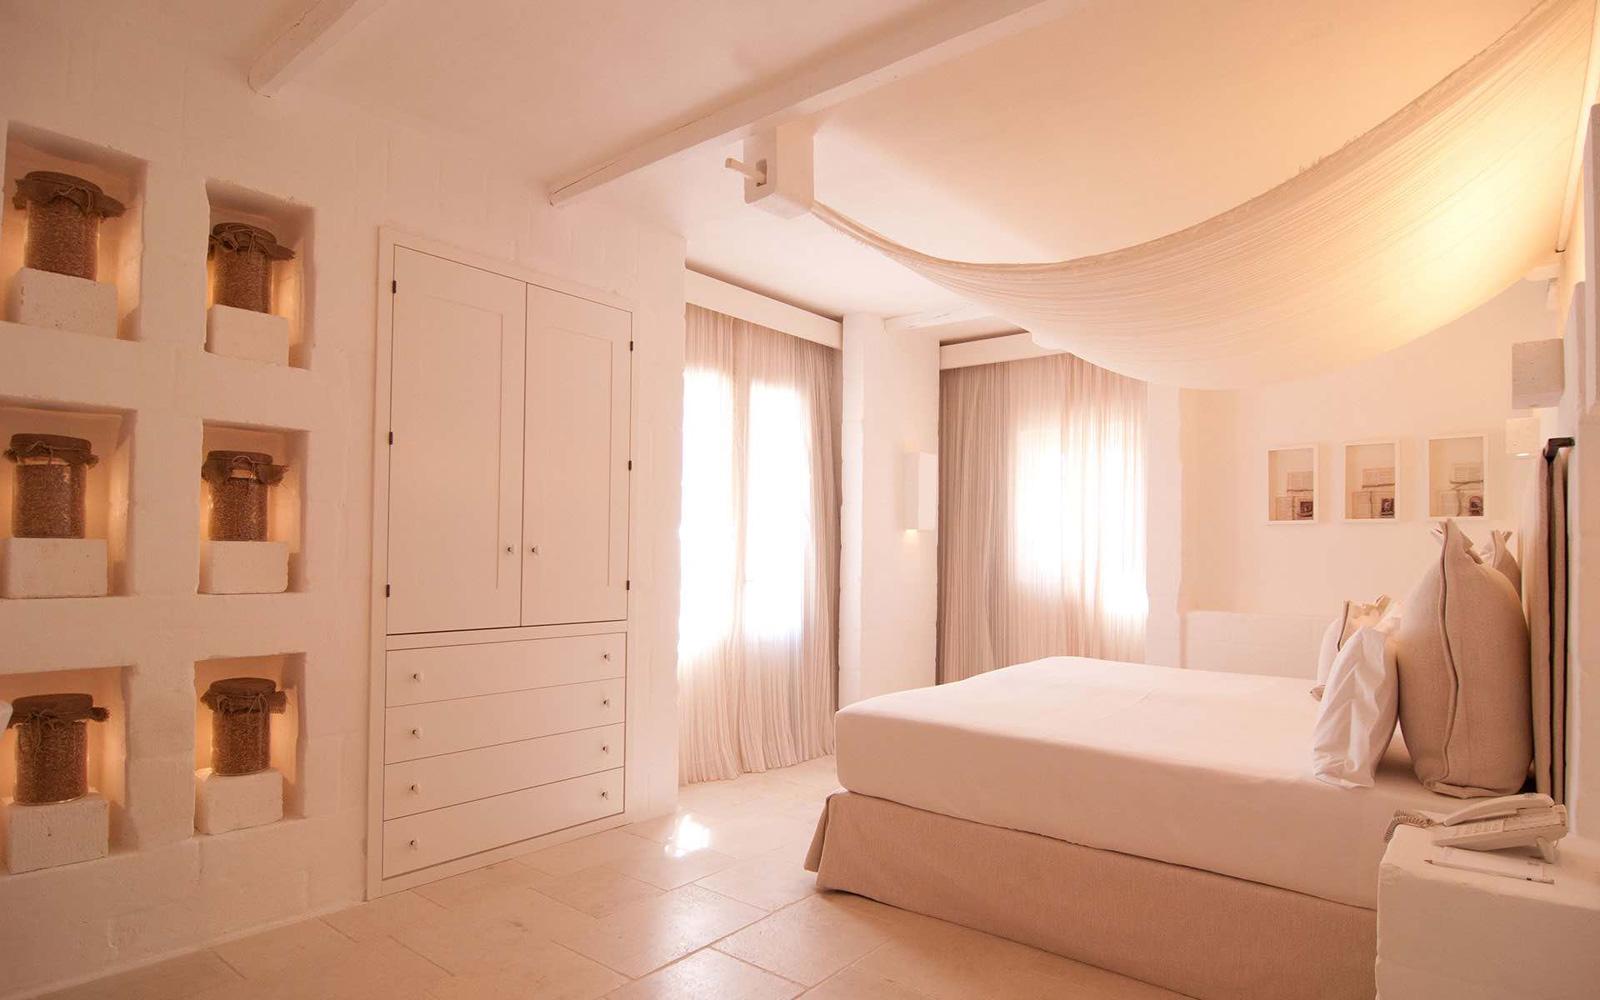 Casetta Splendida - Bedroom